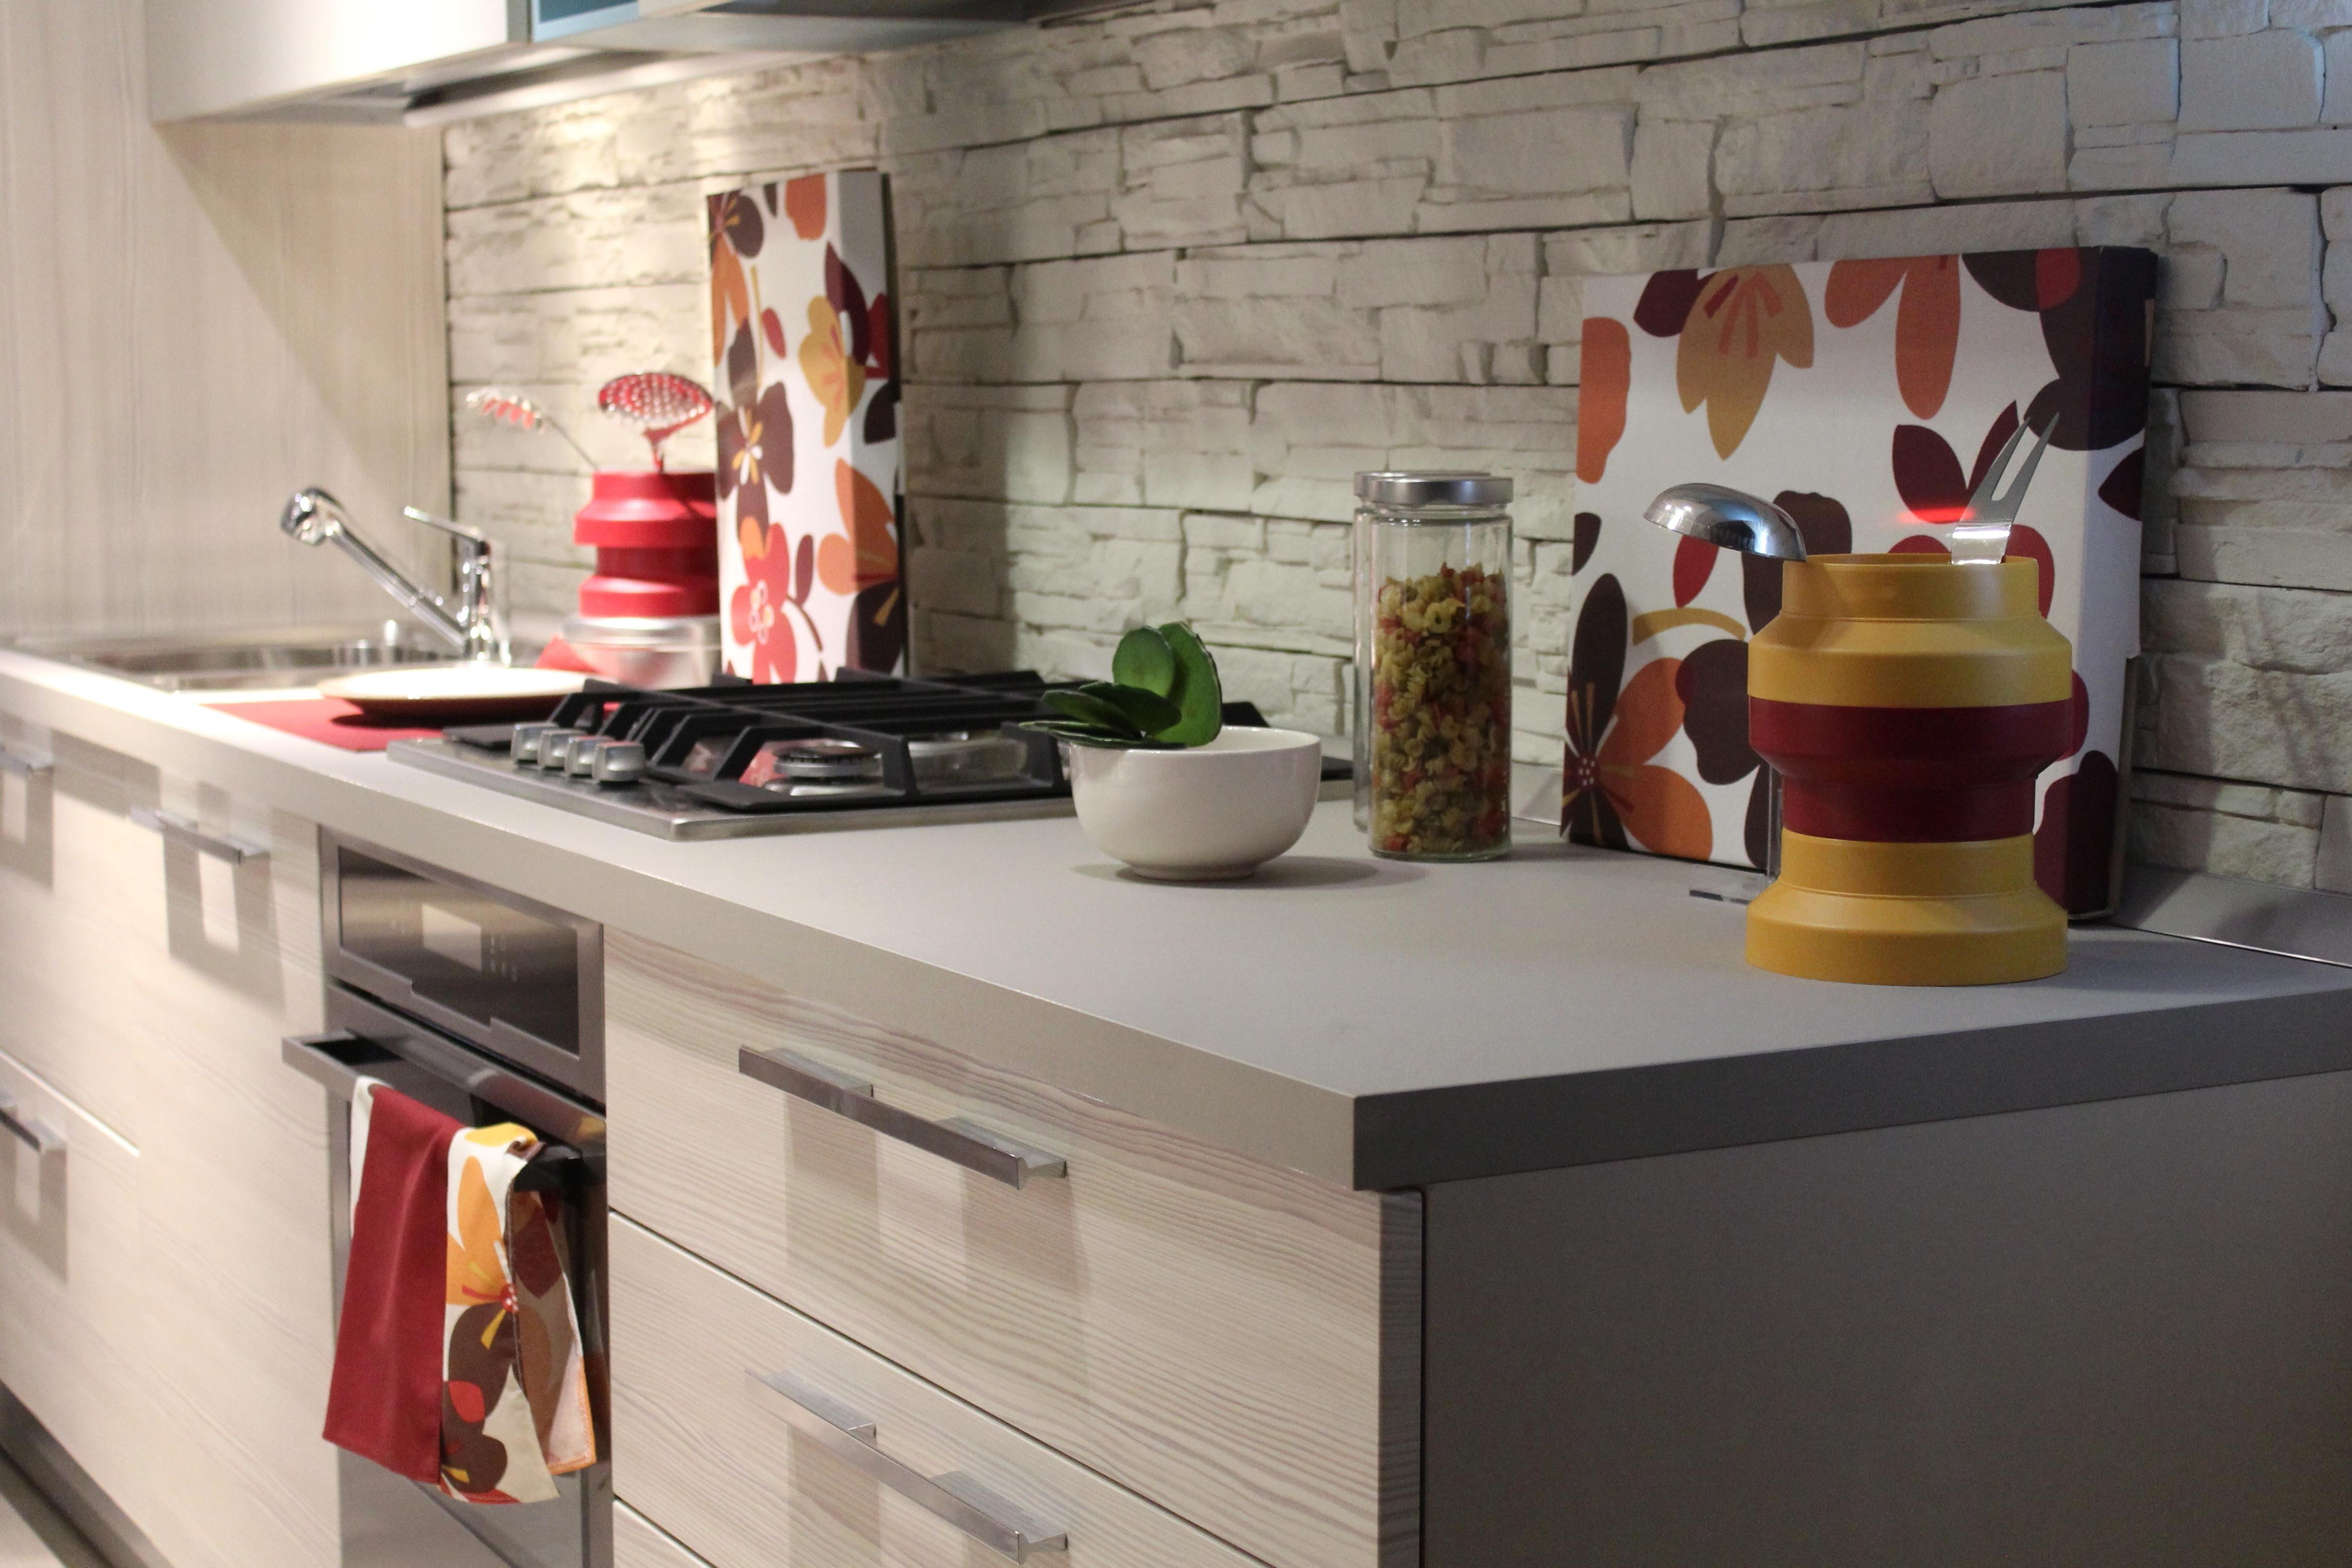 Imagen gratis: estufa, sala, muebles, horno, utensilios de cocina, mesa